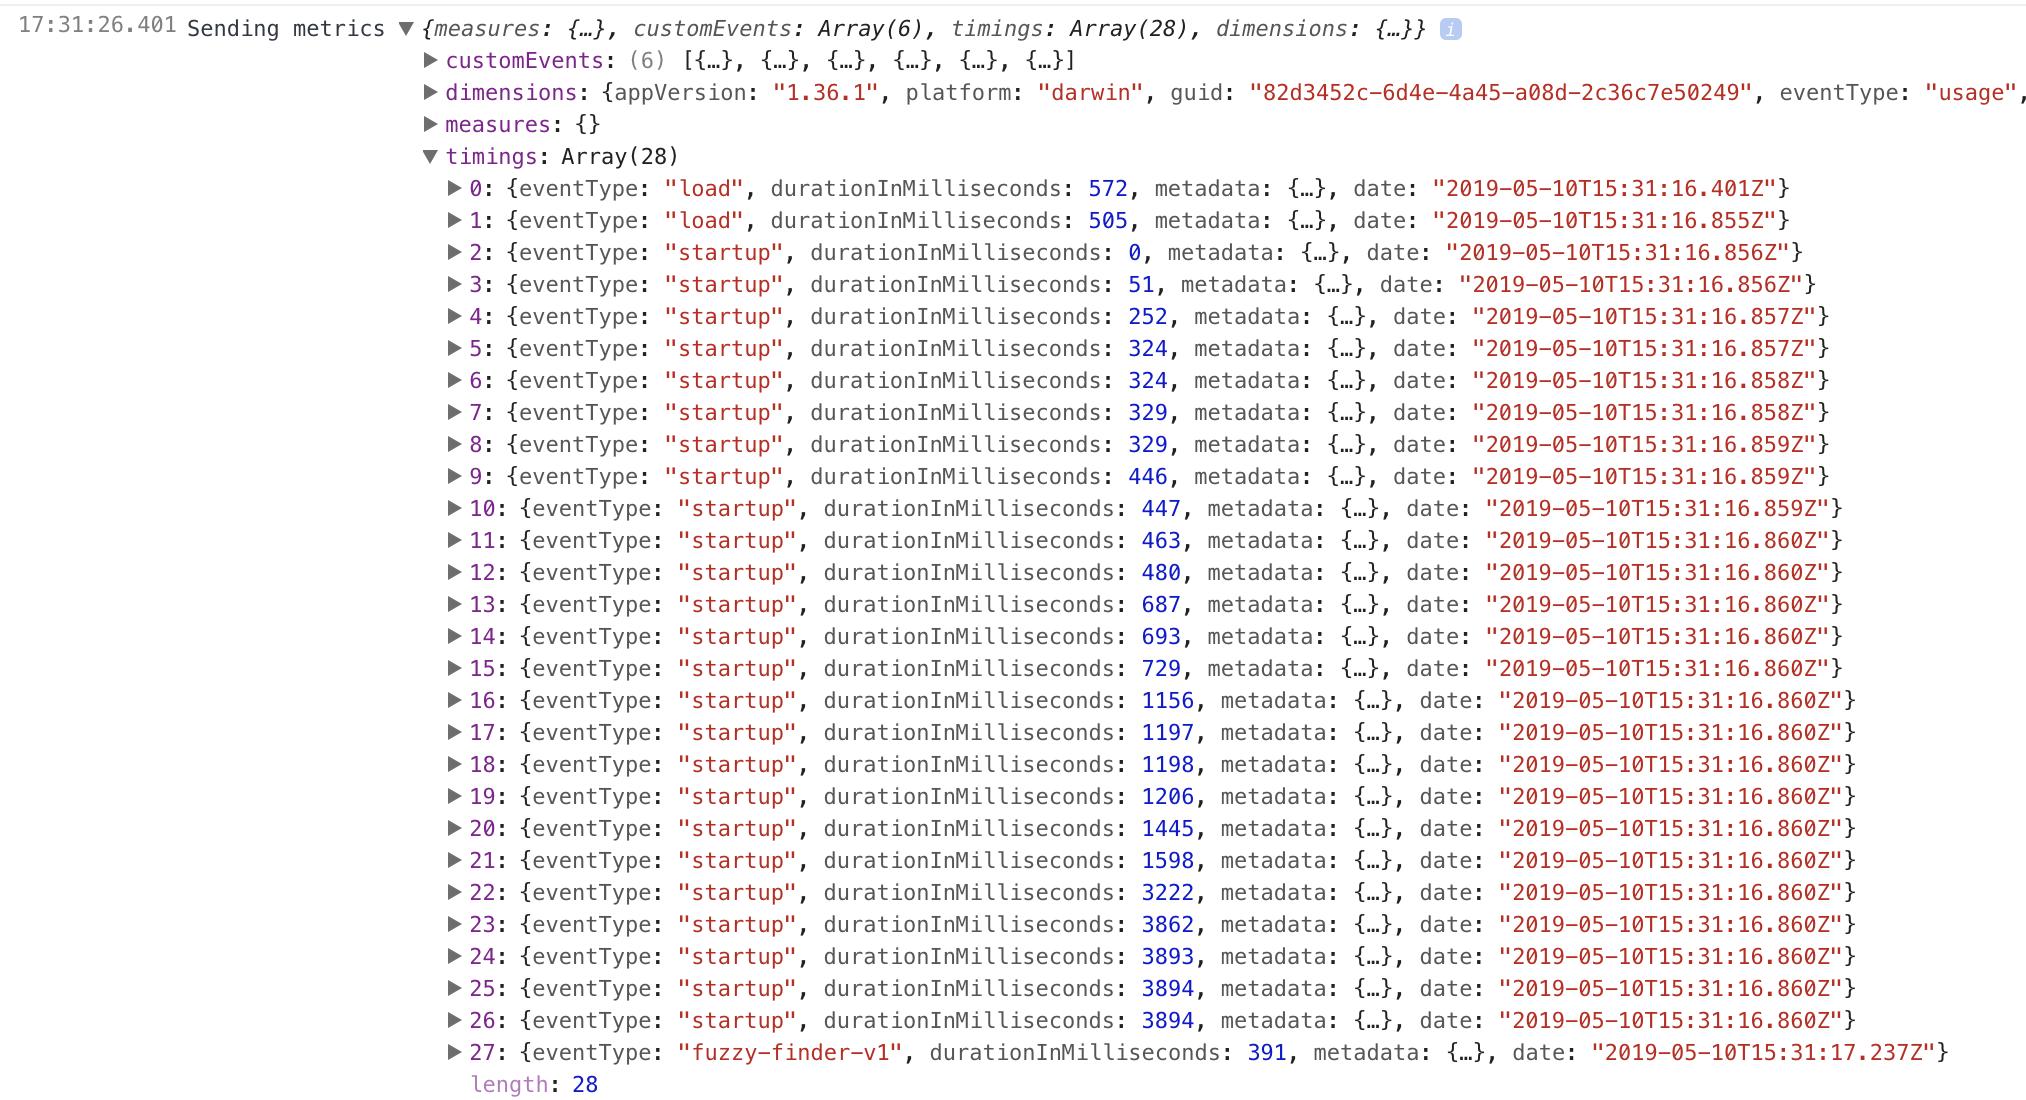 Screenshot 2019-05-10 at 17 32 08